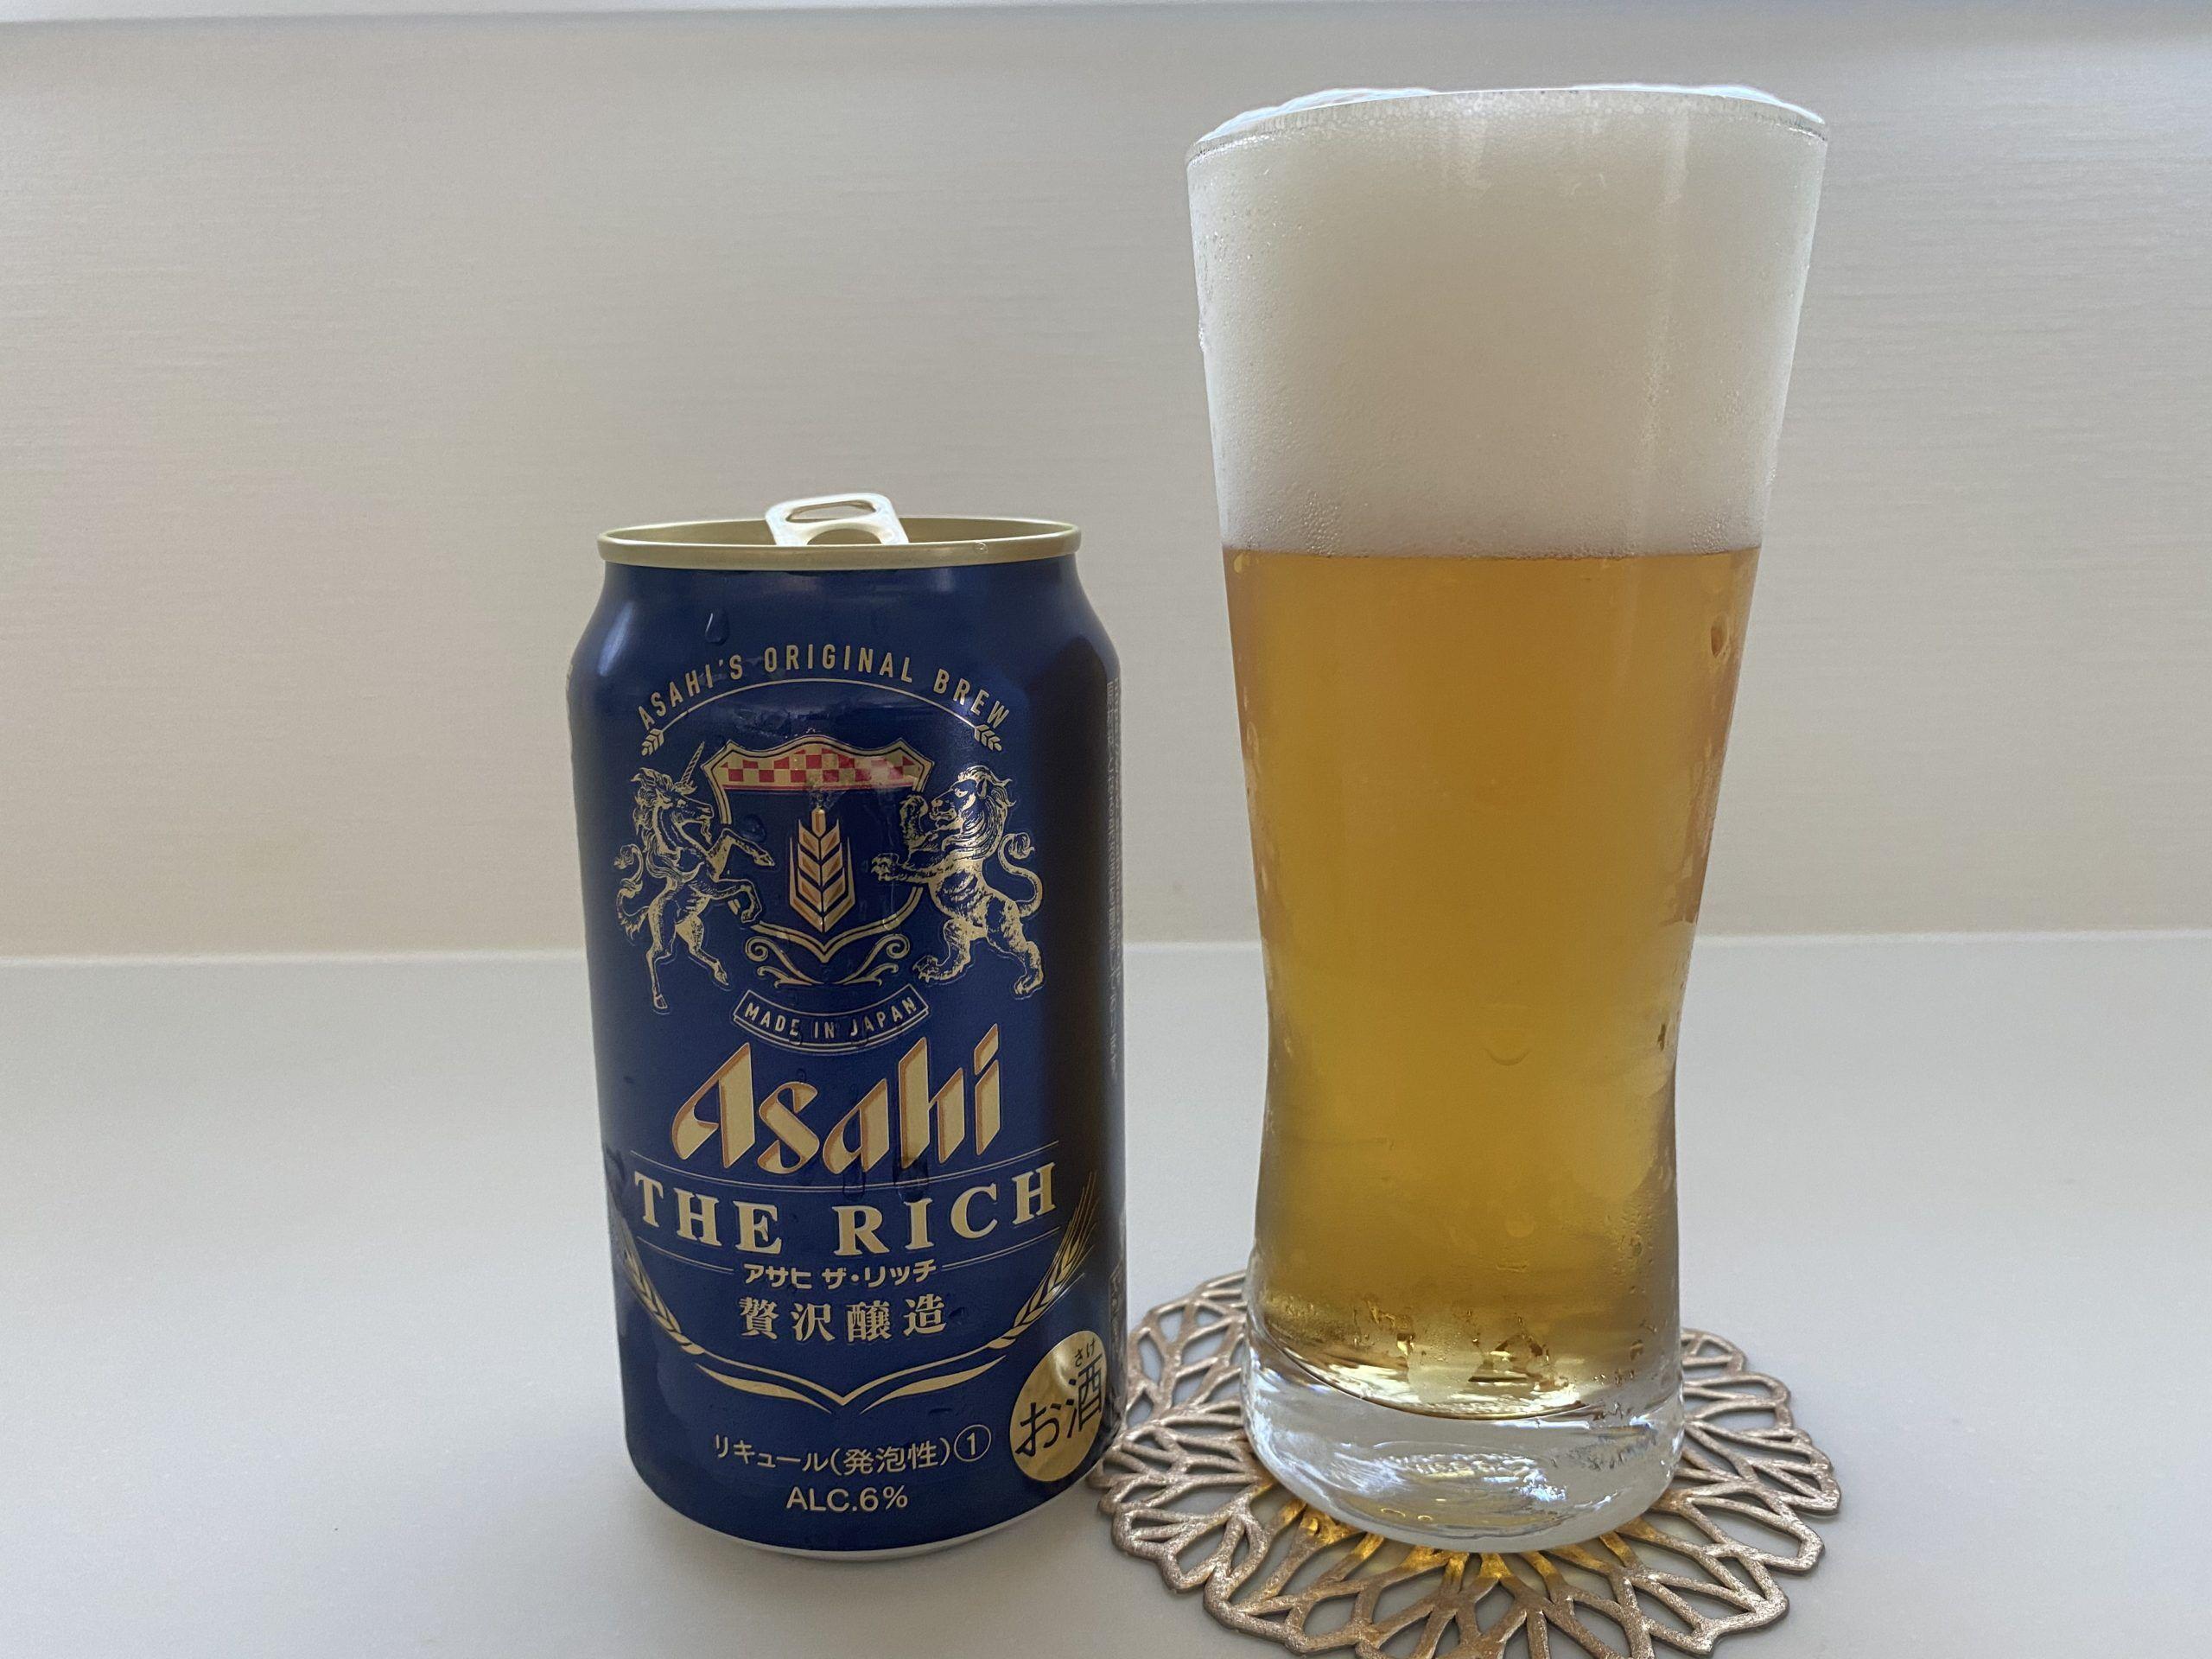 ザ リッチ アサヒ